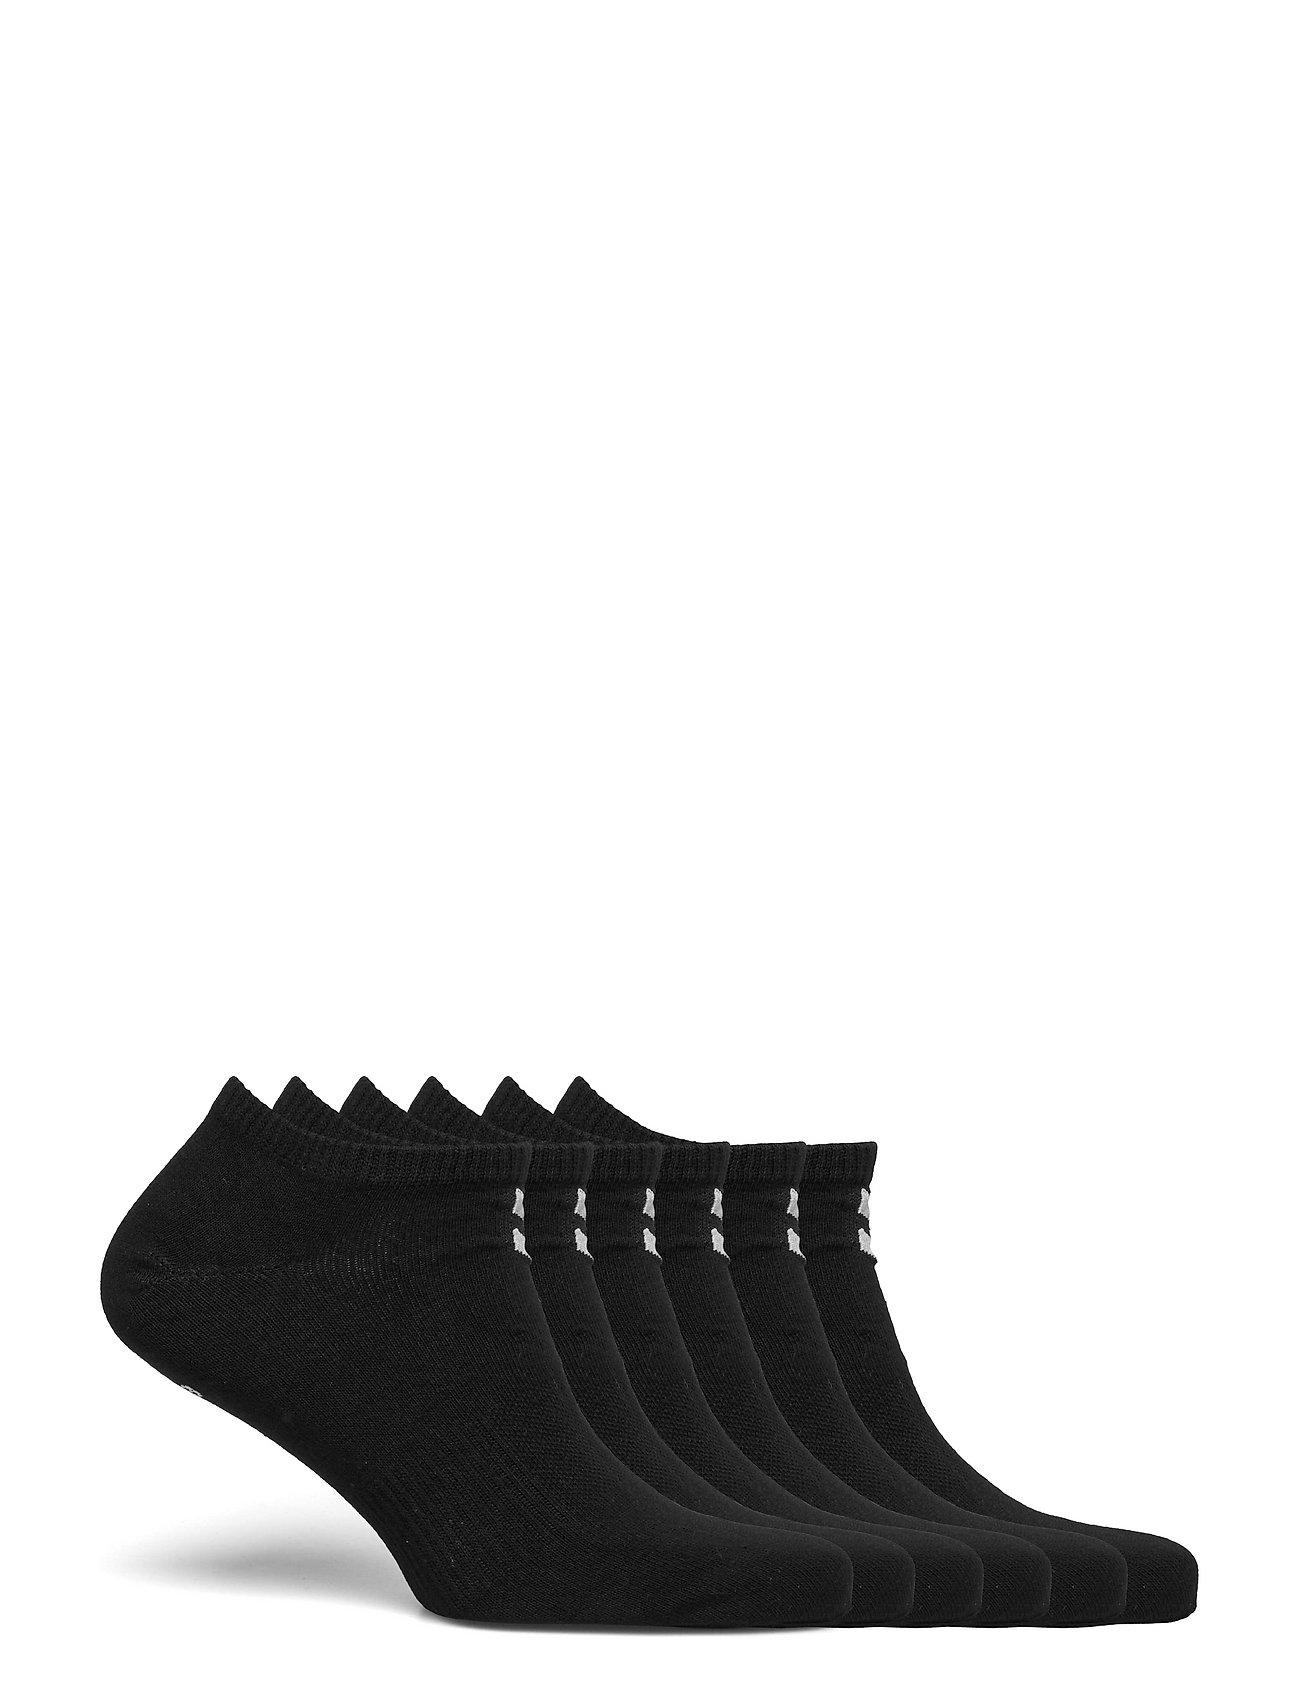 Hmlchevron 6-Pack Ankle Socks Ankelstrømper Korte Strømper Sort Hummel